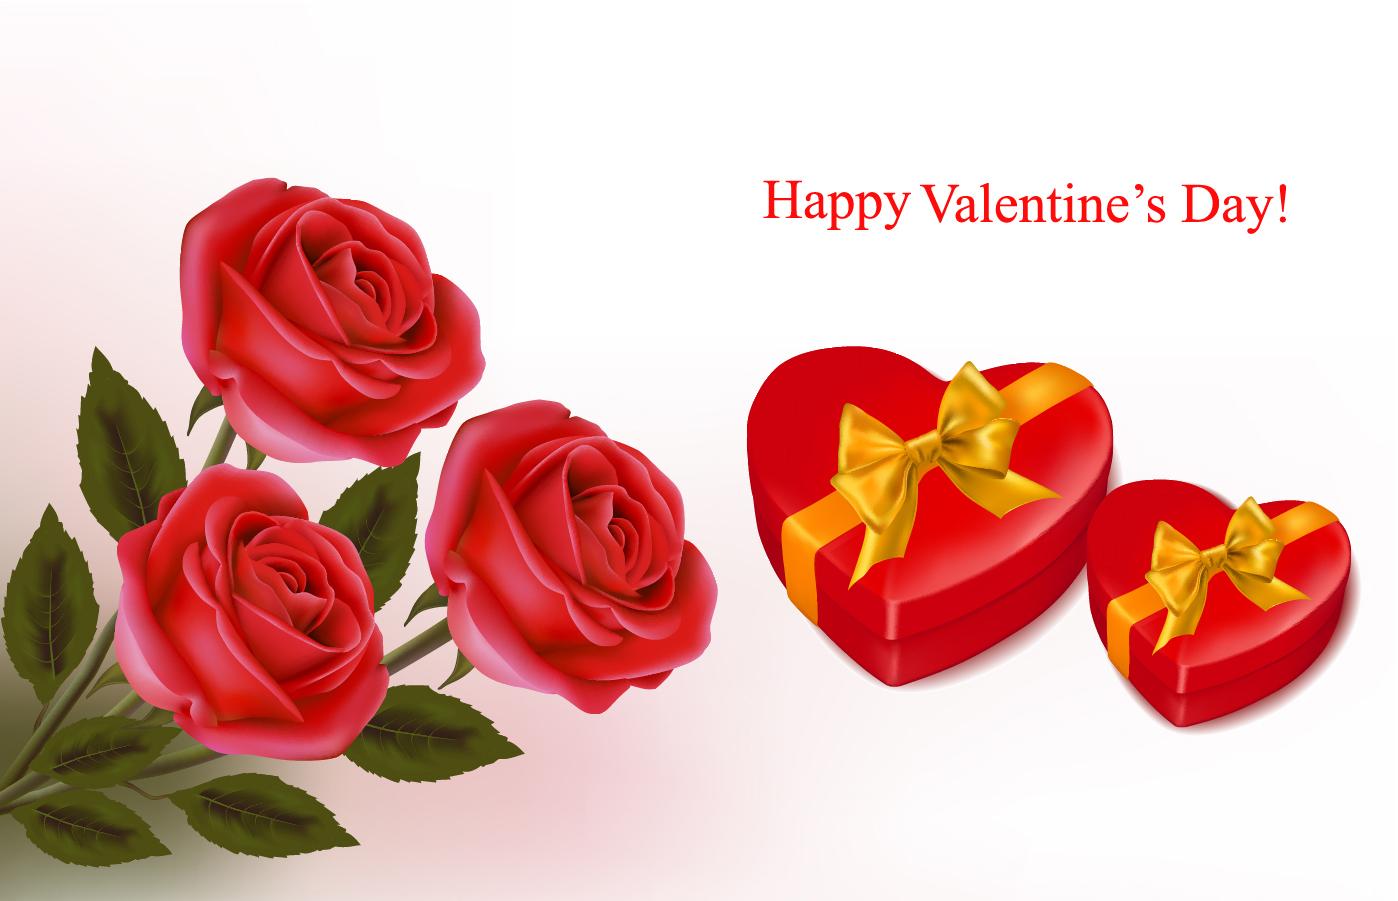 赤い薔薇とハートのバレンタインデー背景 Valentine's Day background roses, hearts イラスト素材